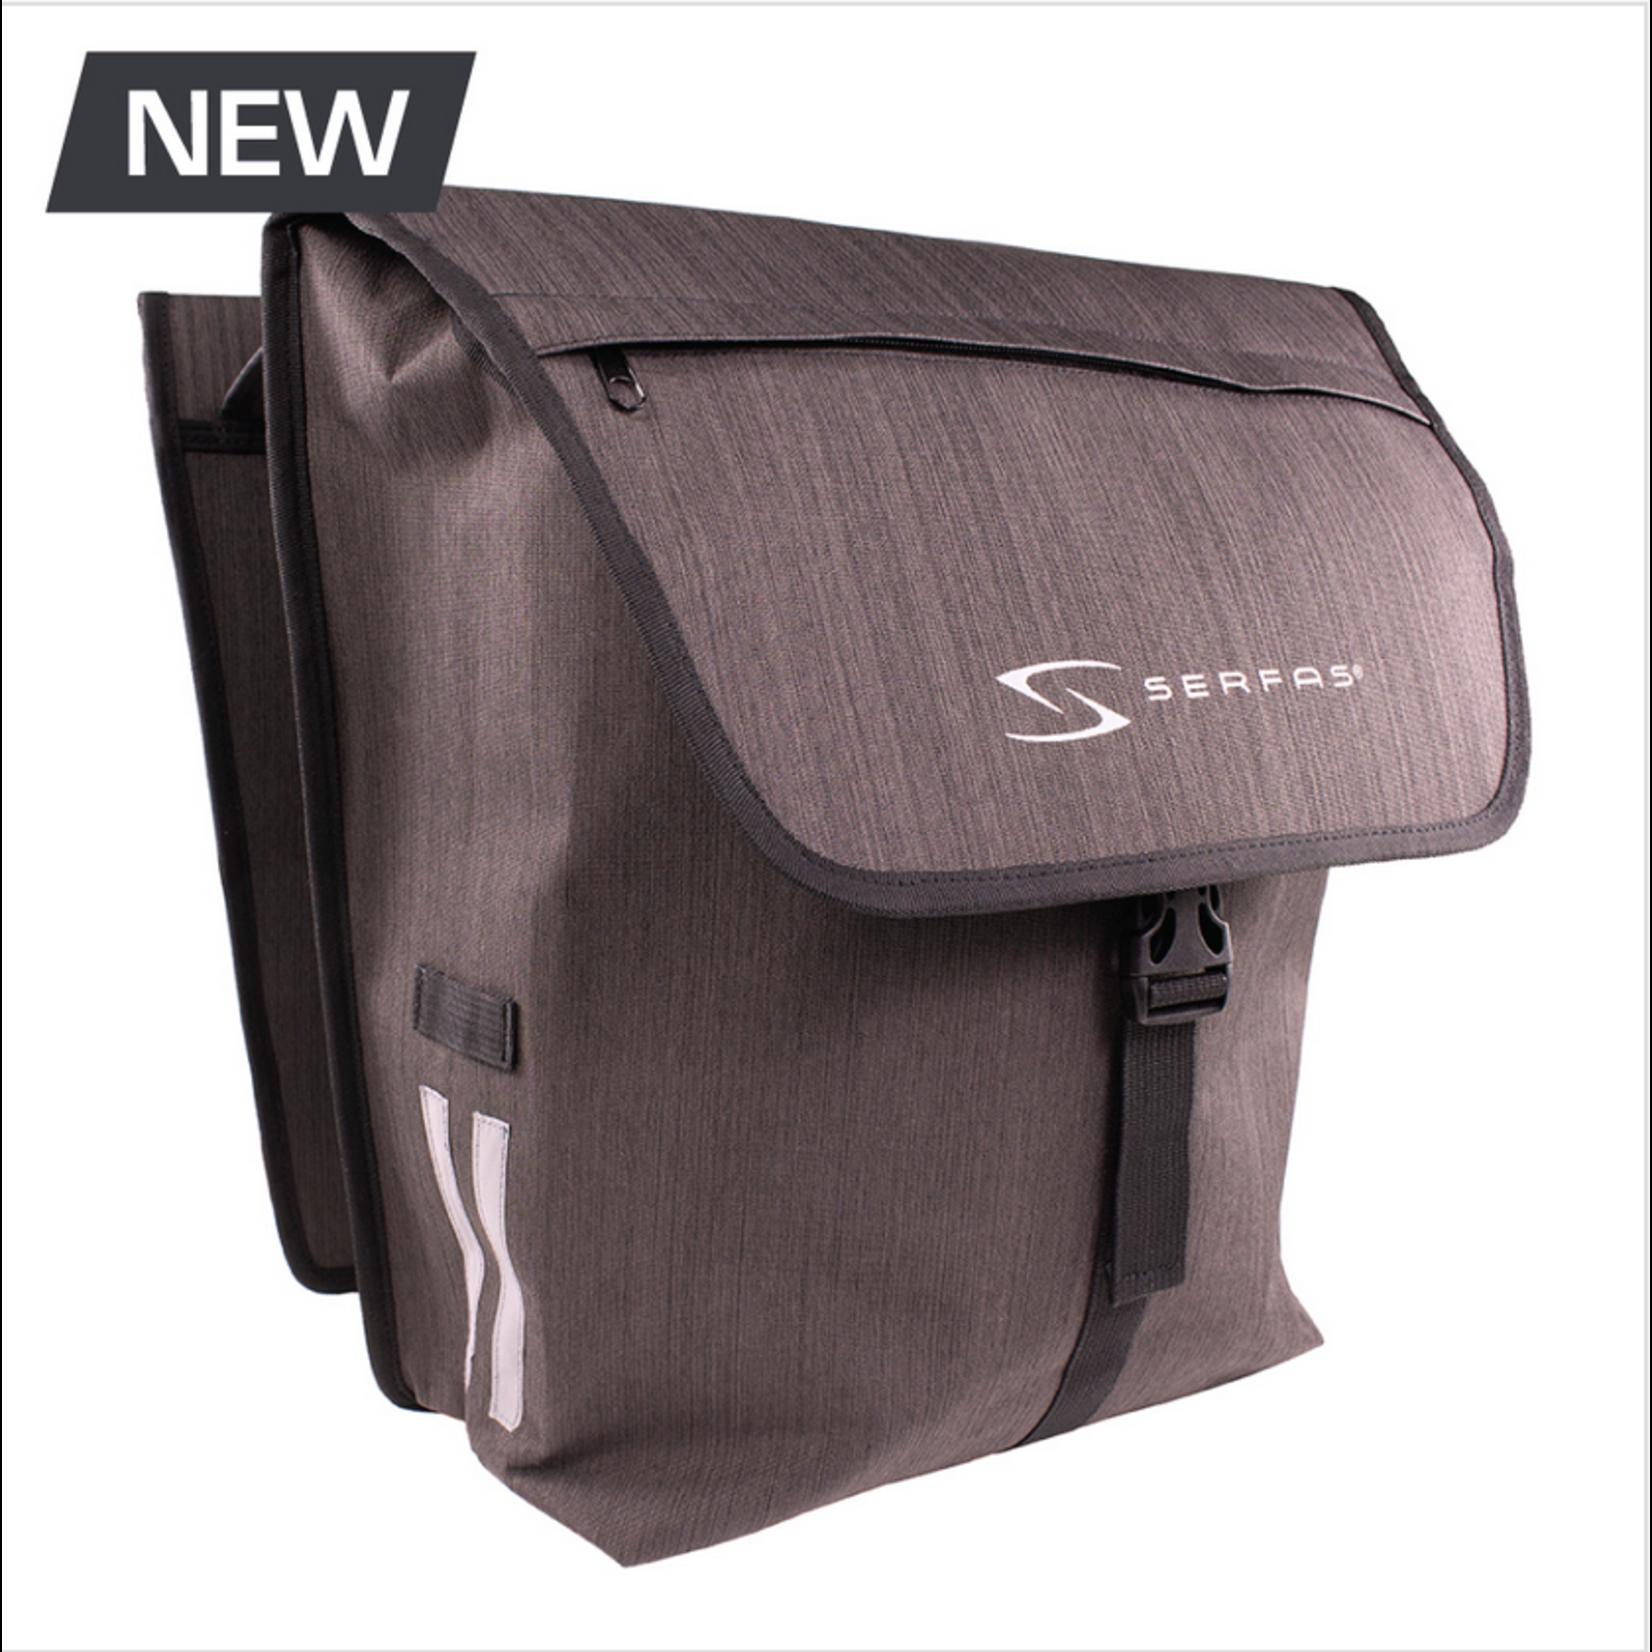 SERFAS PB-2BLK Pannier Double Bag Gray/Black (Serfas)